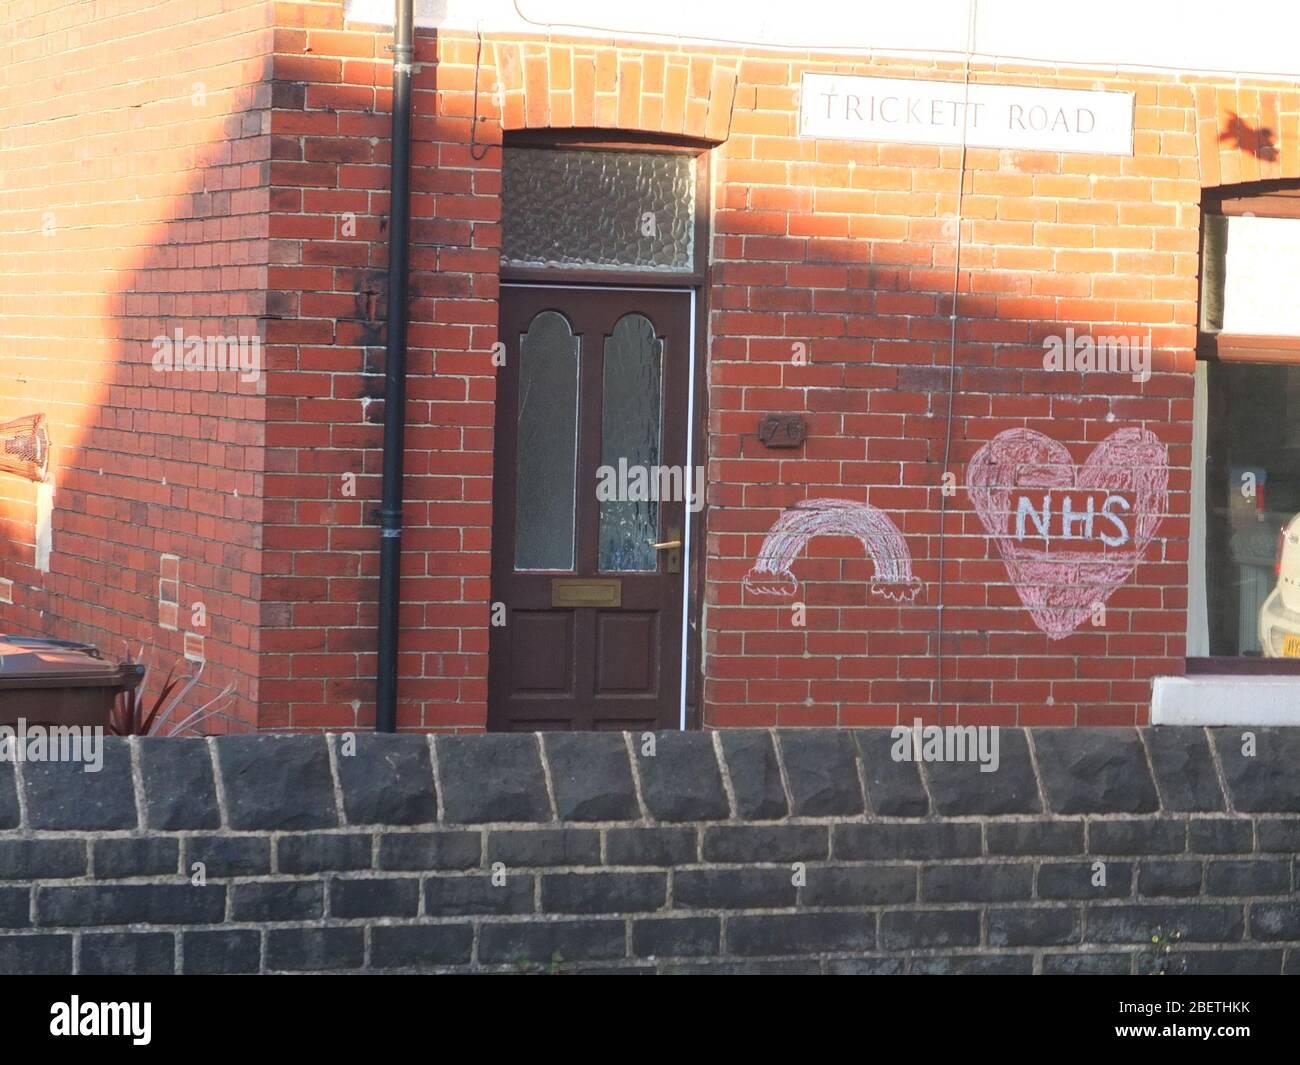 Un mensaje de apoyo y gratitud al NHS con un arco iris calcado en la pared de una casa en Trickett Road, Sheffield durante la crisis del Coronavirus Foto de stock